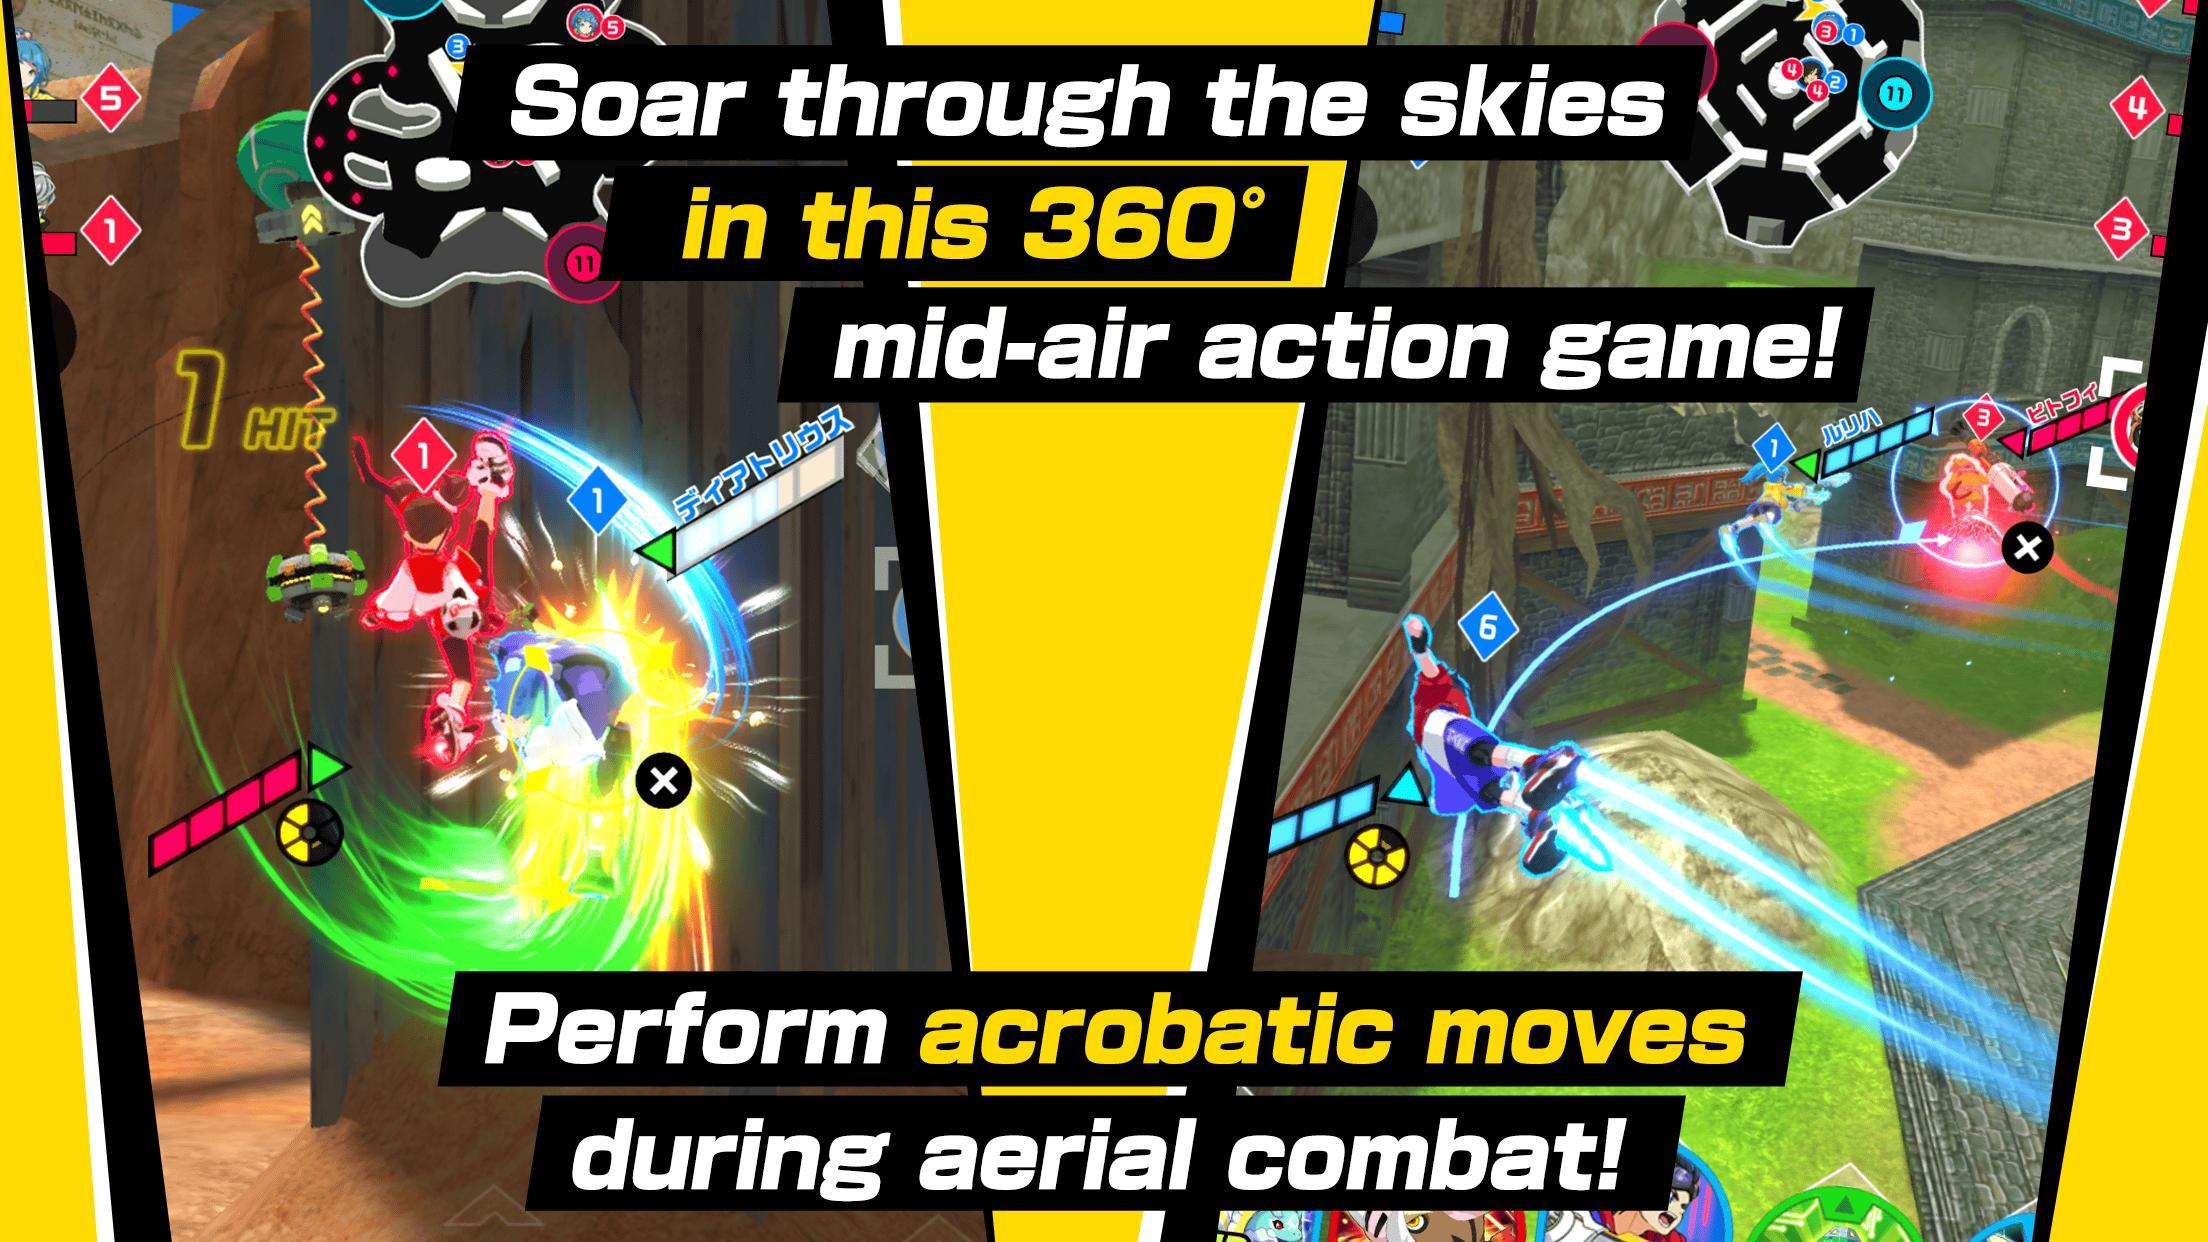 Hasil gambar untuk gambar game kick flight